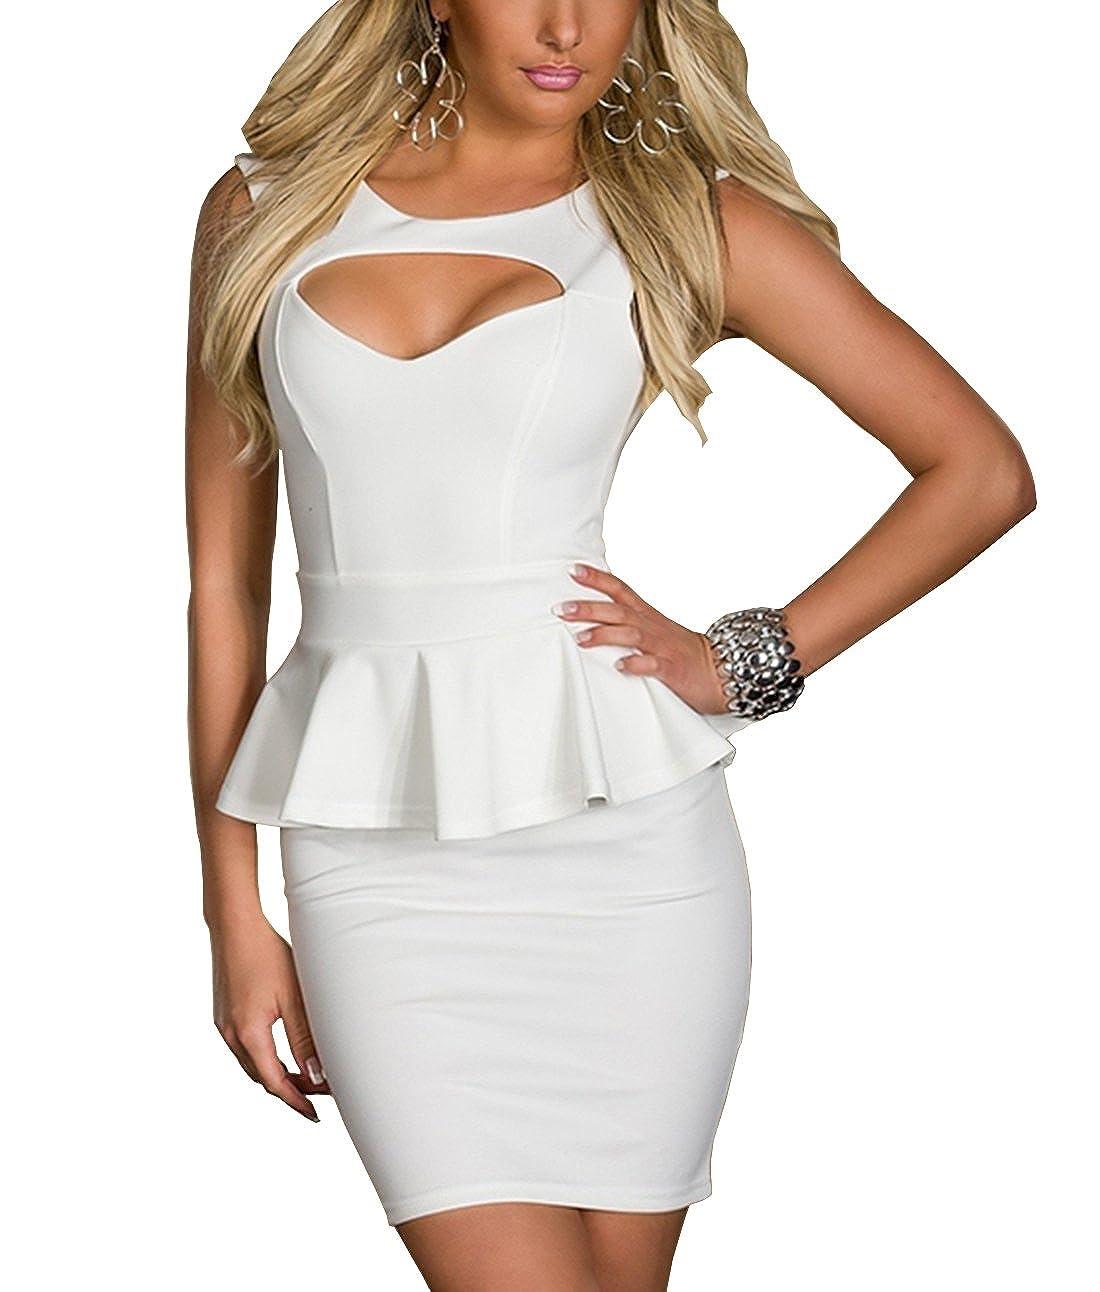 TALLA XL. Boliyda Bodycan de corte bajo vestido delgado Slim club vestido informal para las mujeres Blanco2 XL